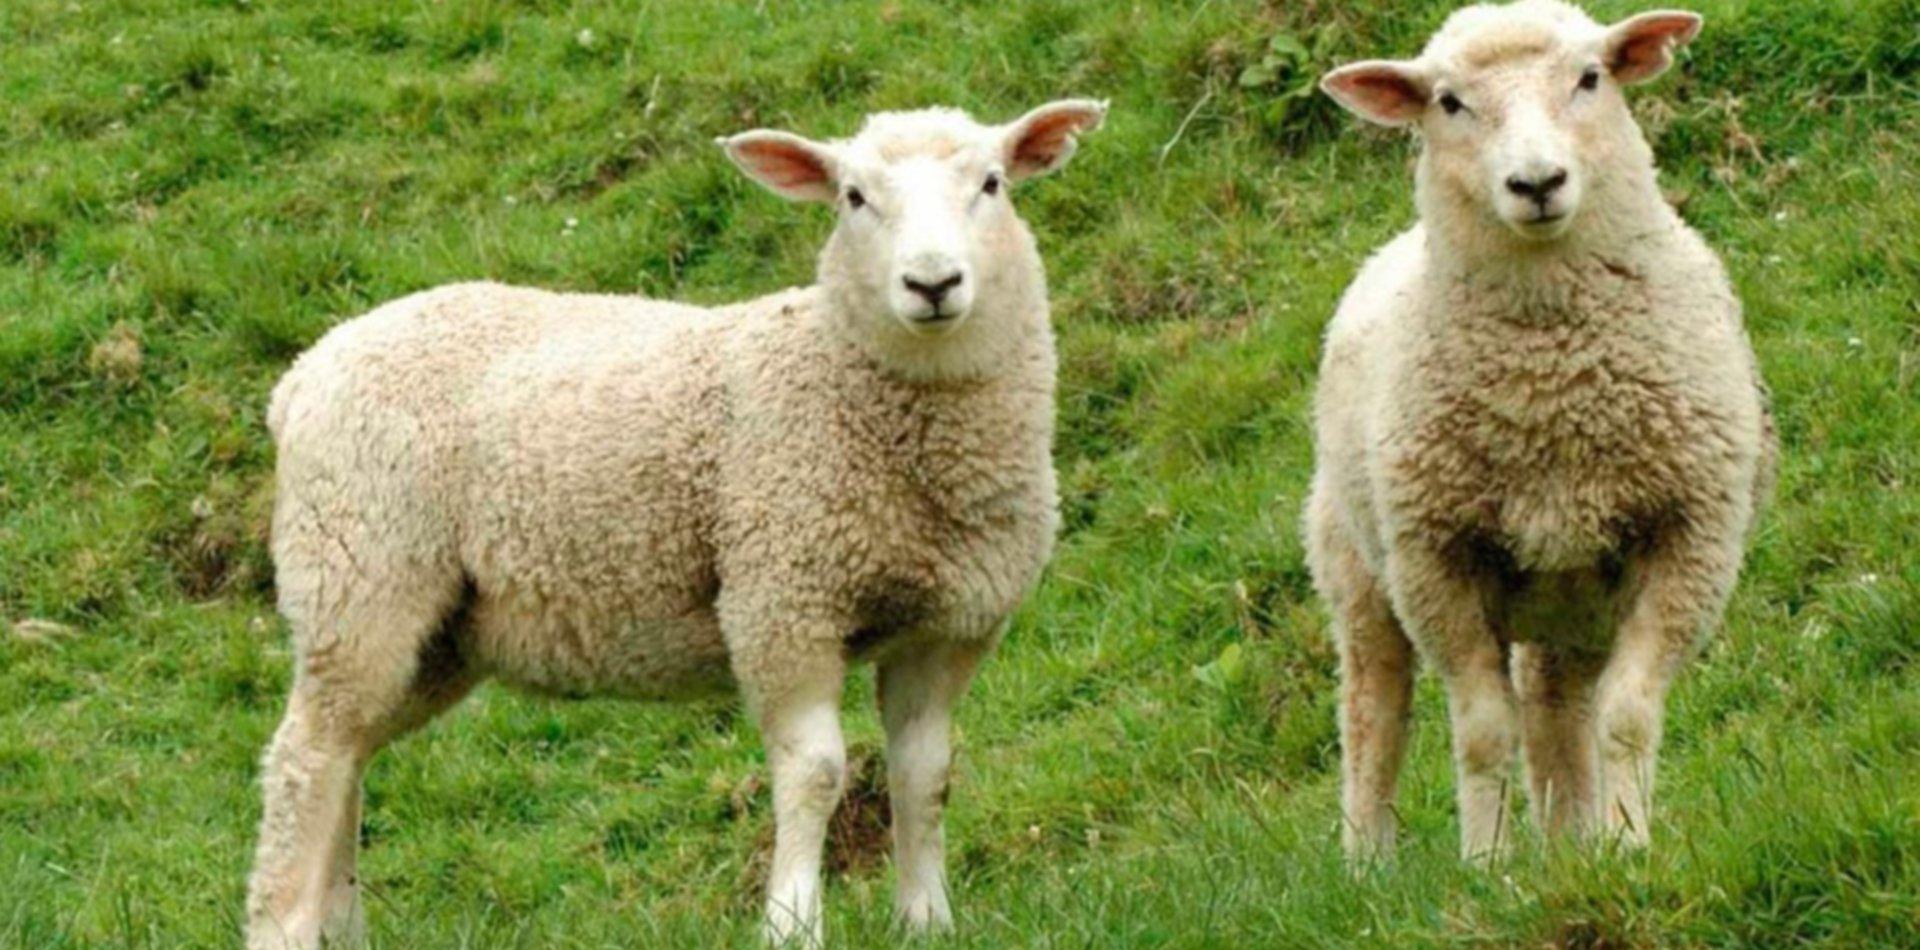 Un joven robó dos ovejas, carneó una y terminó preso en La Plata